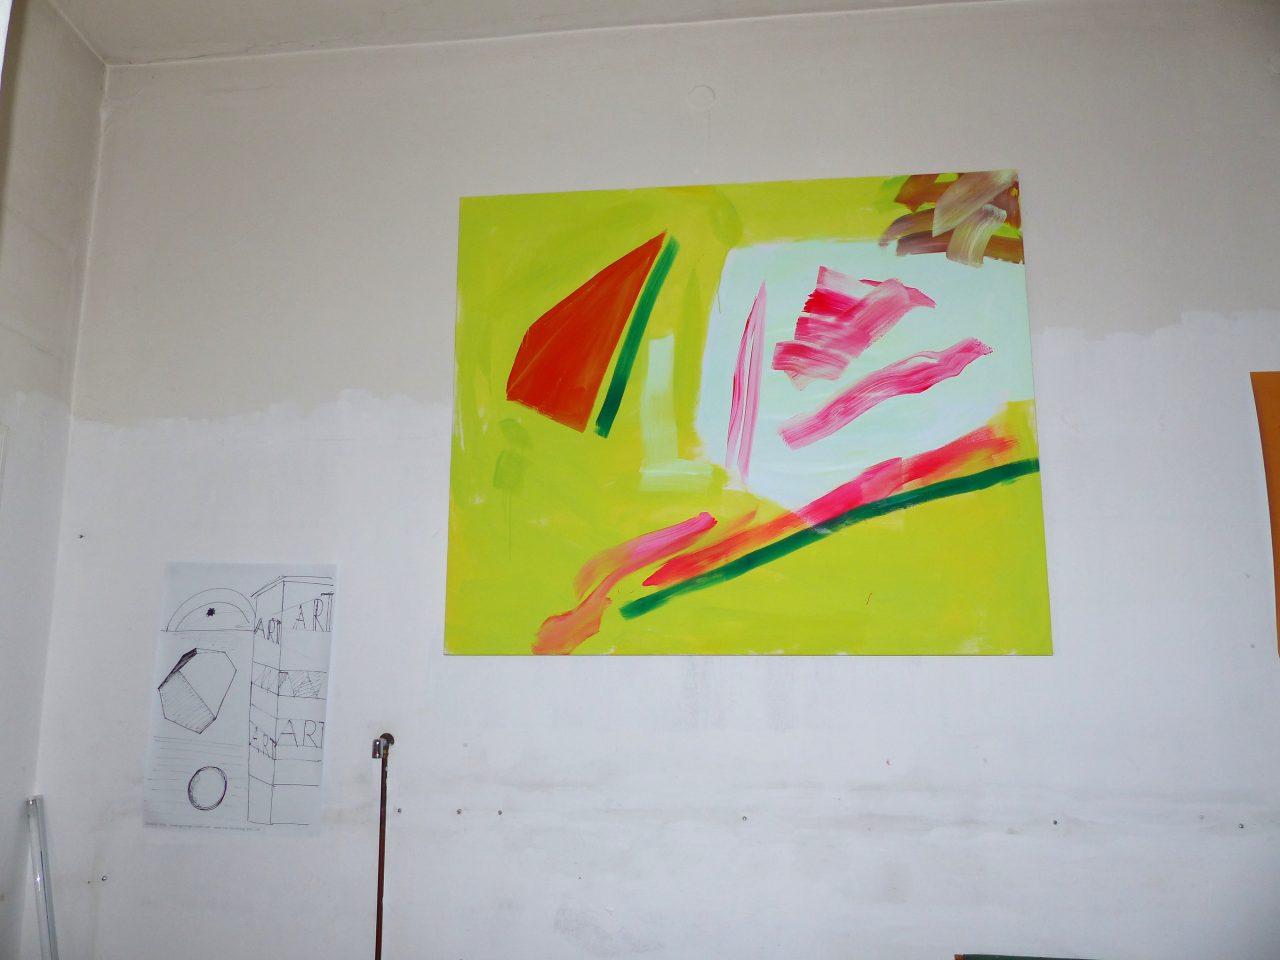 Studio view, 2